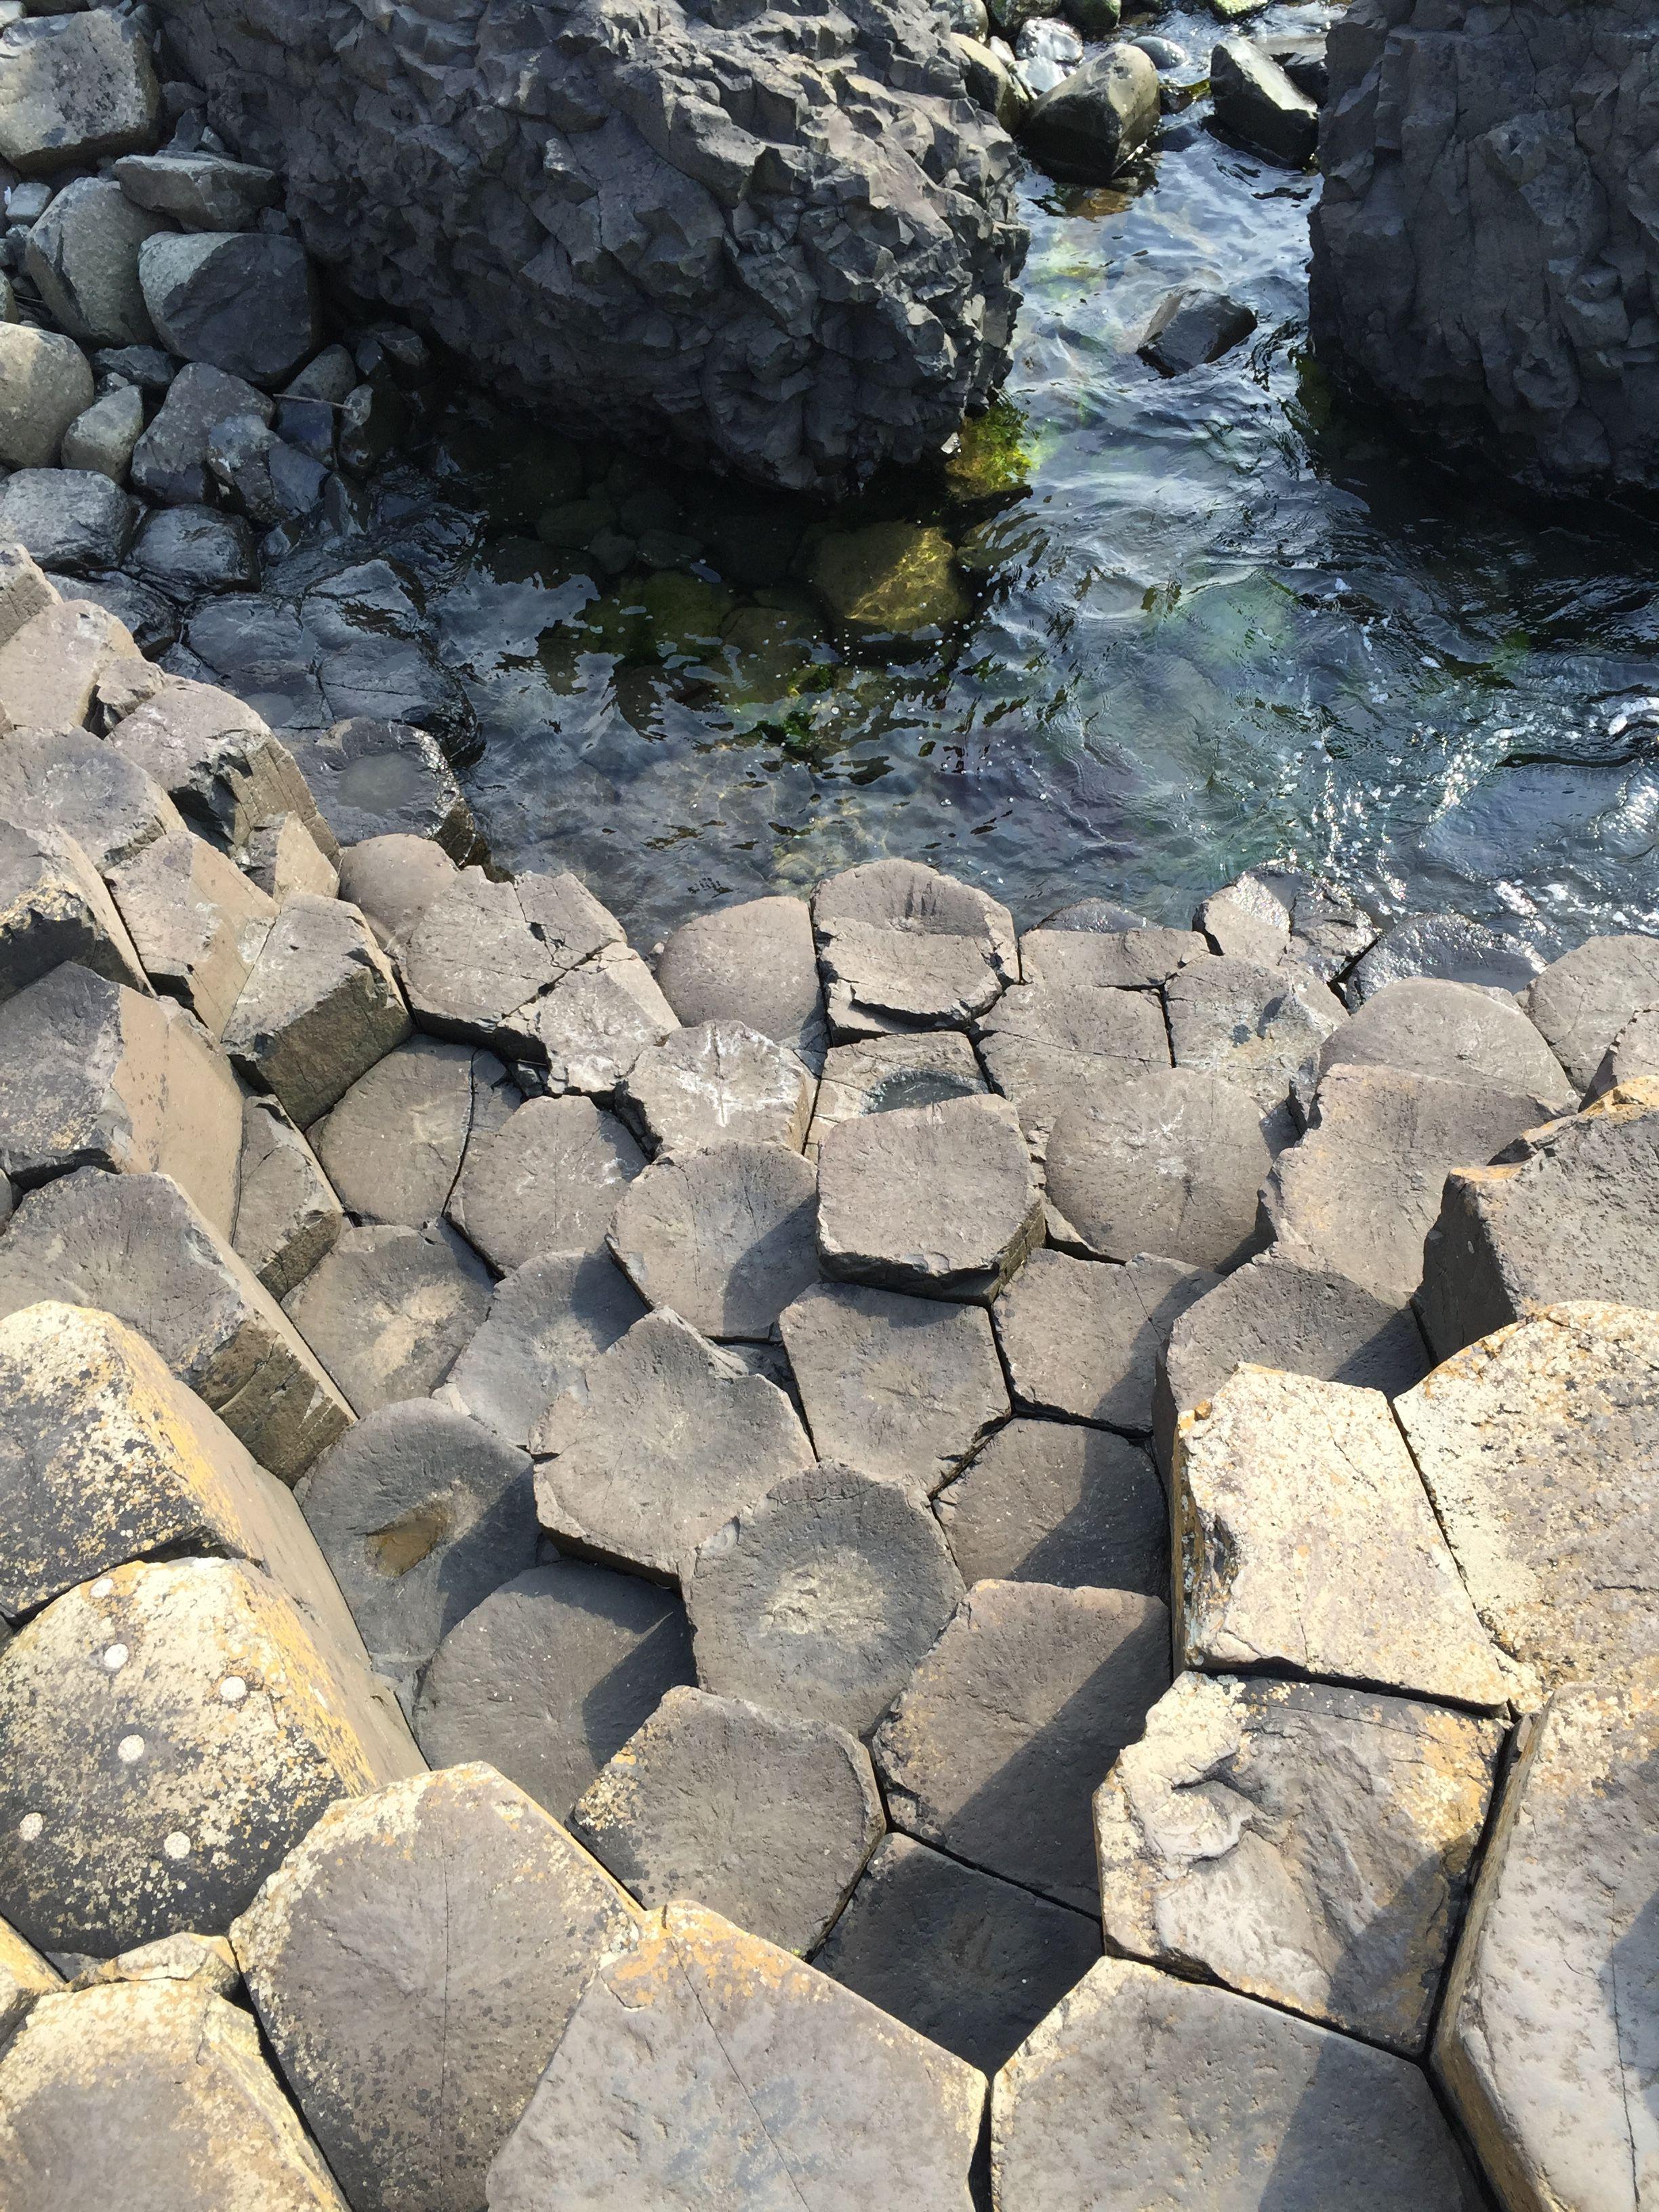 Giants Causeway Ireland Ireland holiday, Ireland